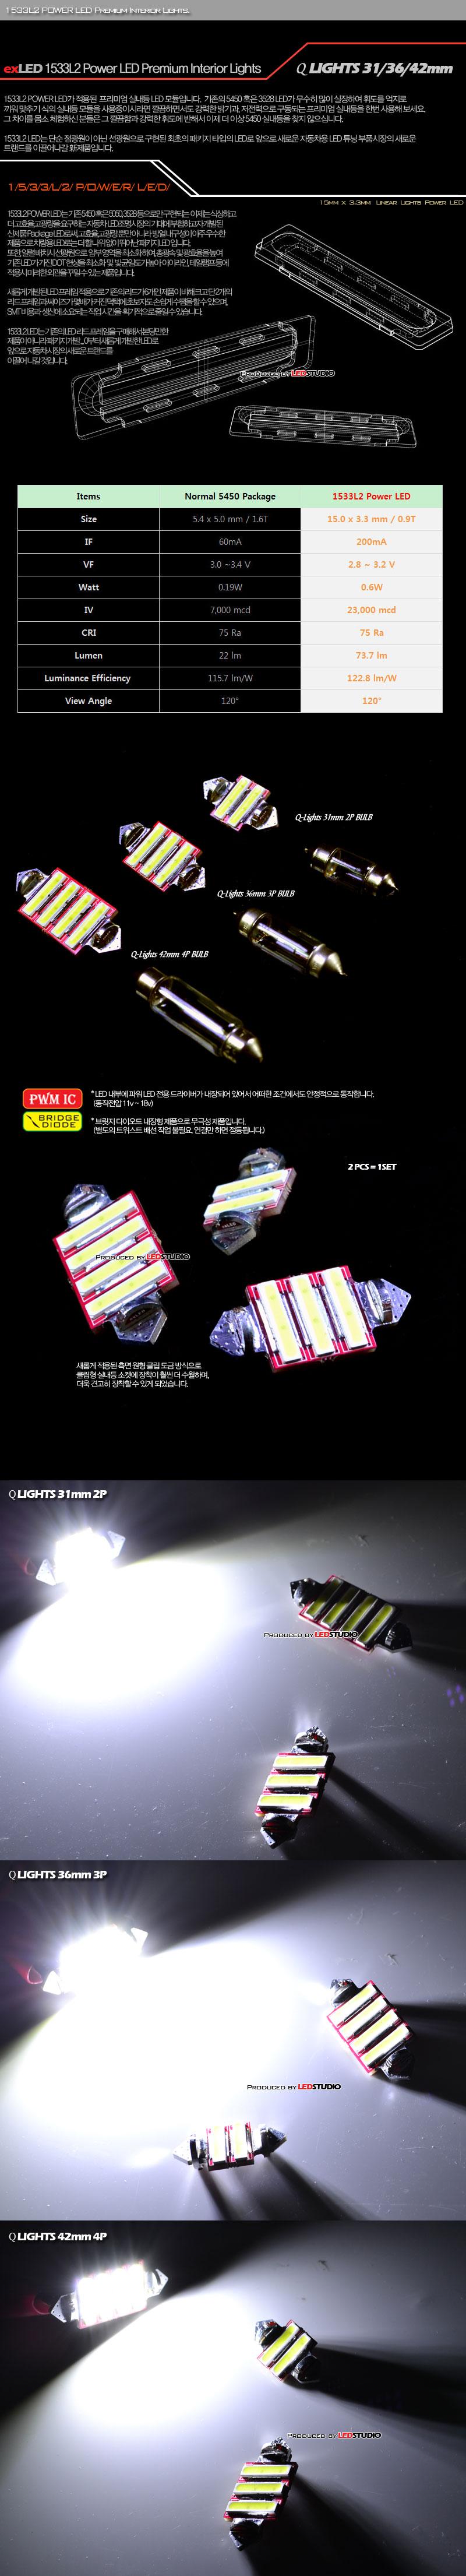 exLED 1533L2파워LED Q-LIGHTS 소켓 타입 공용 벌브 36mm 3P PWM (무저항 IC 내장형/무극성) (2개 1조)